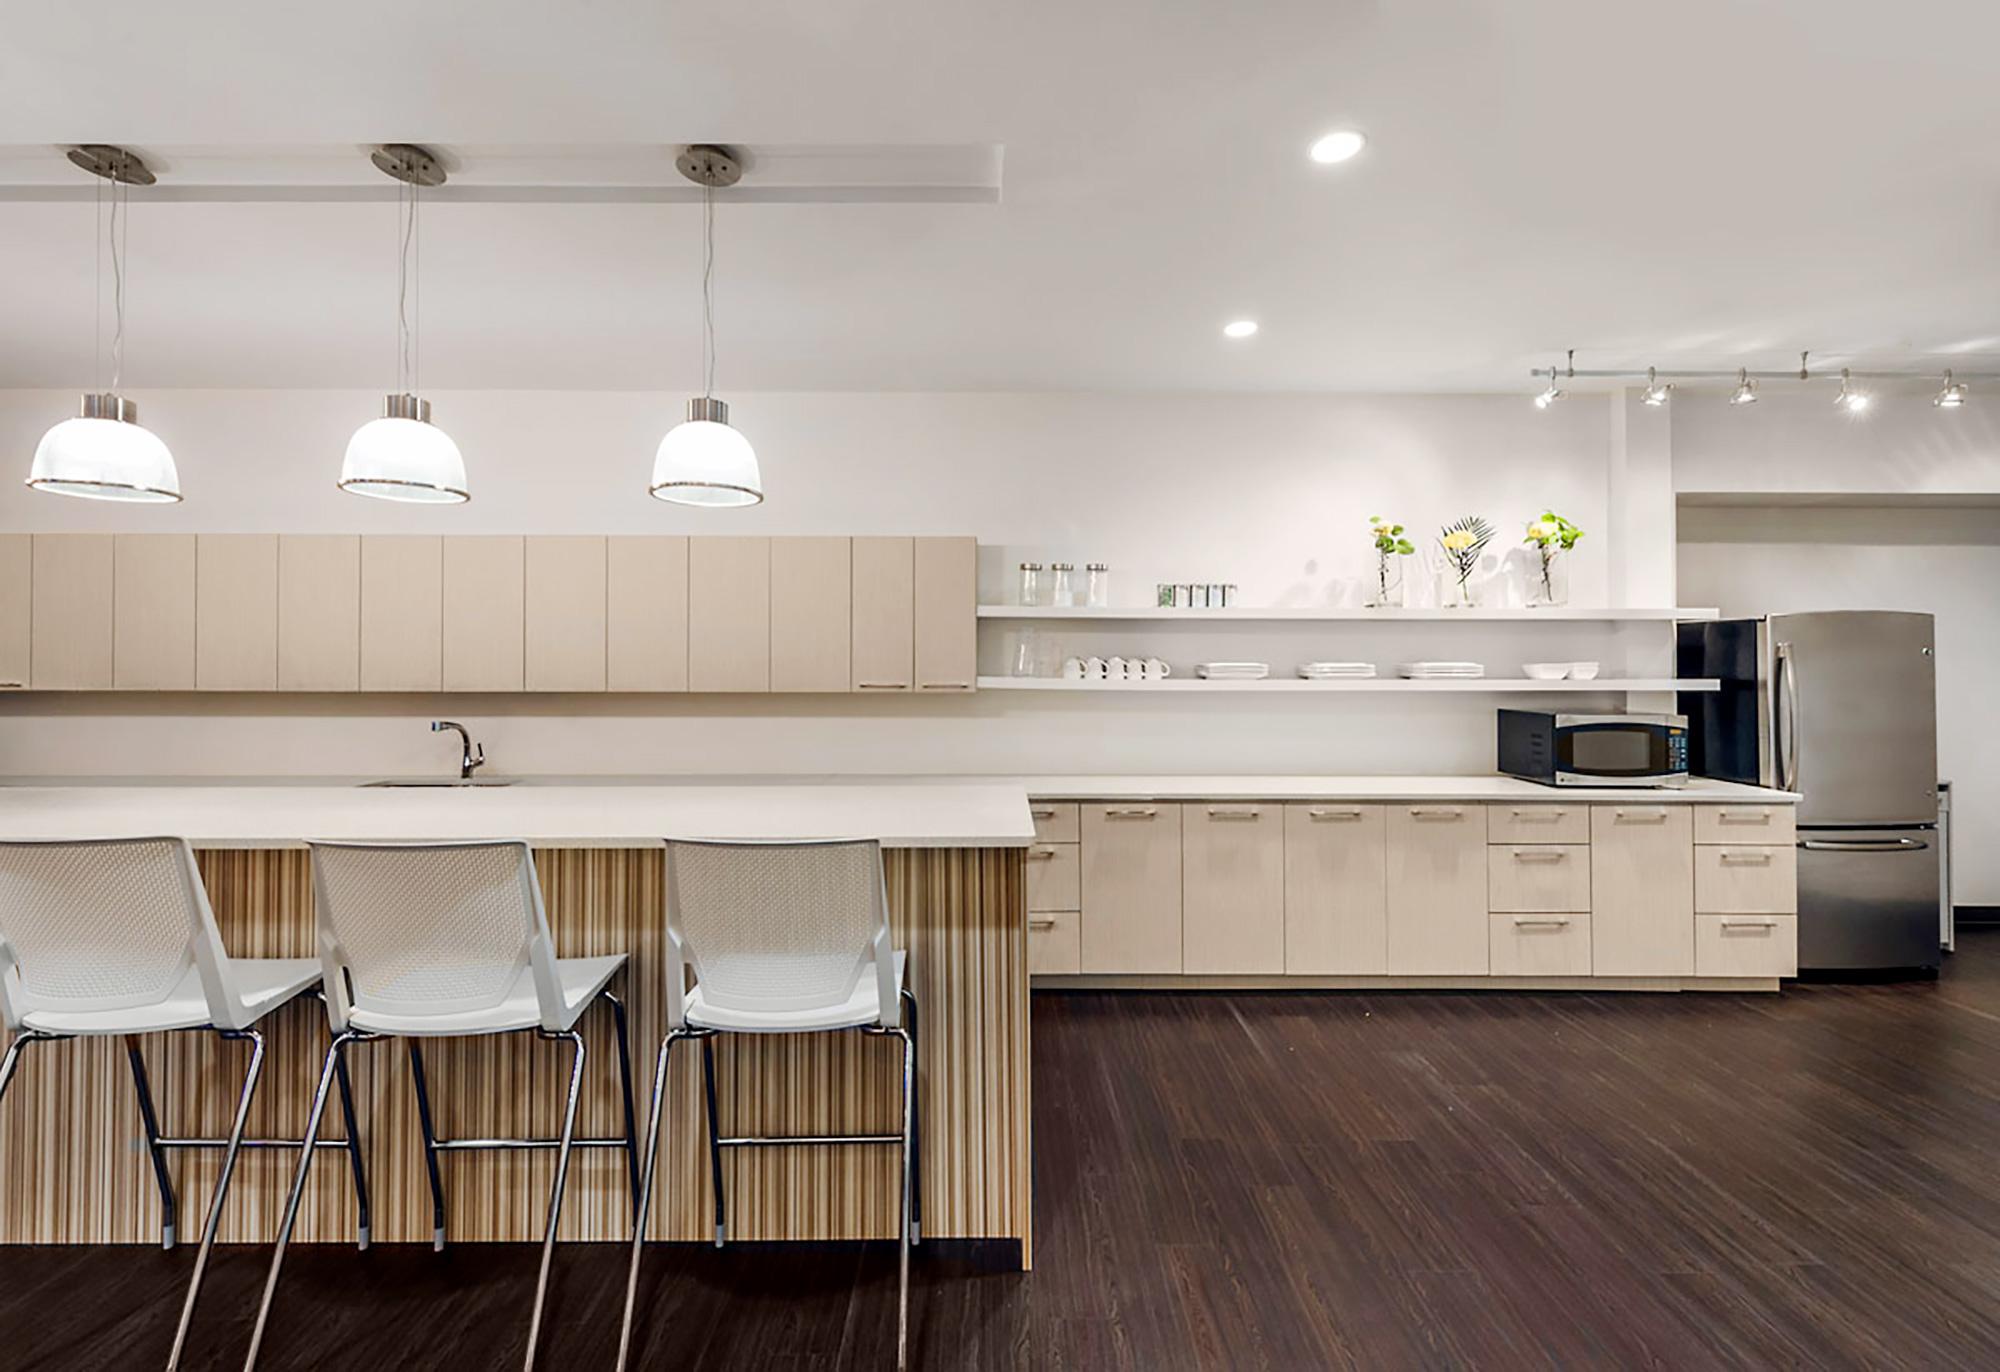 interior-design-real-estate-office-kitchen.jpg